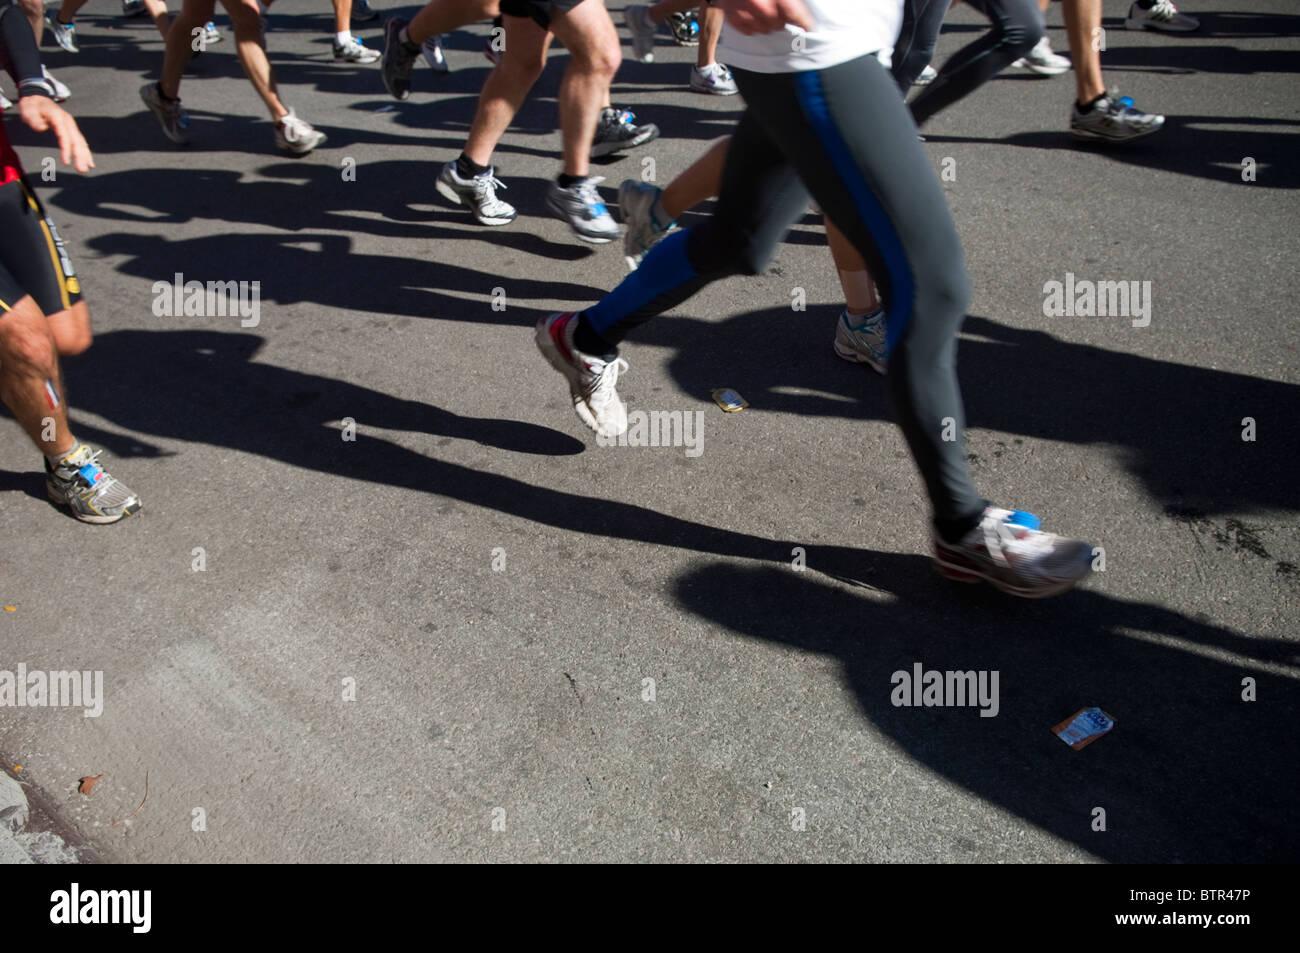 Les coureurs traversent Harlem dans l'ING New York City Marathon le dimanche, Novembre 7, 2010 Photo Stock